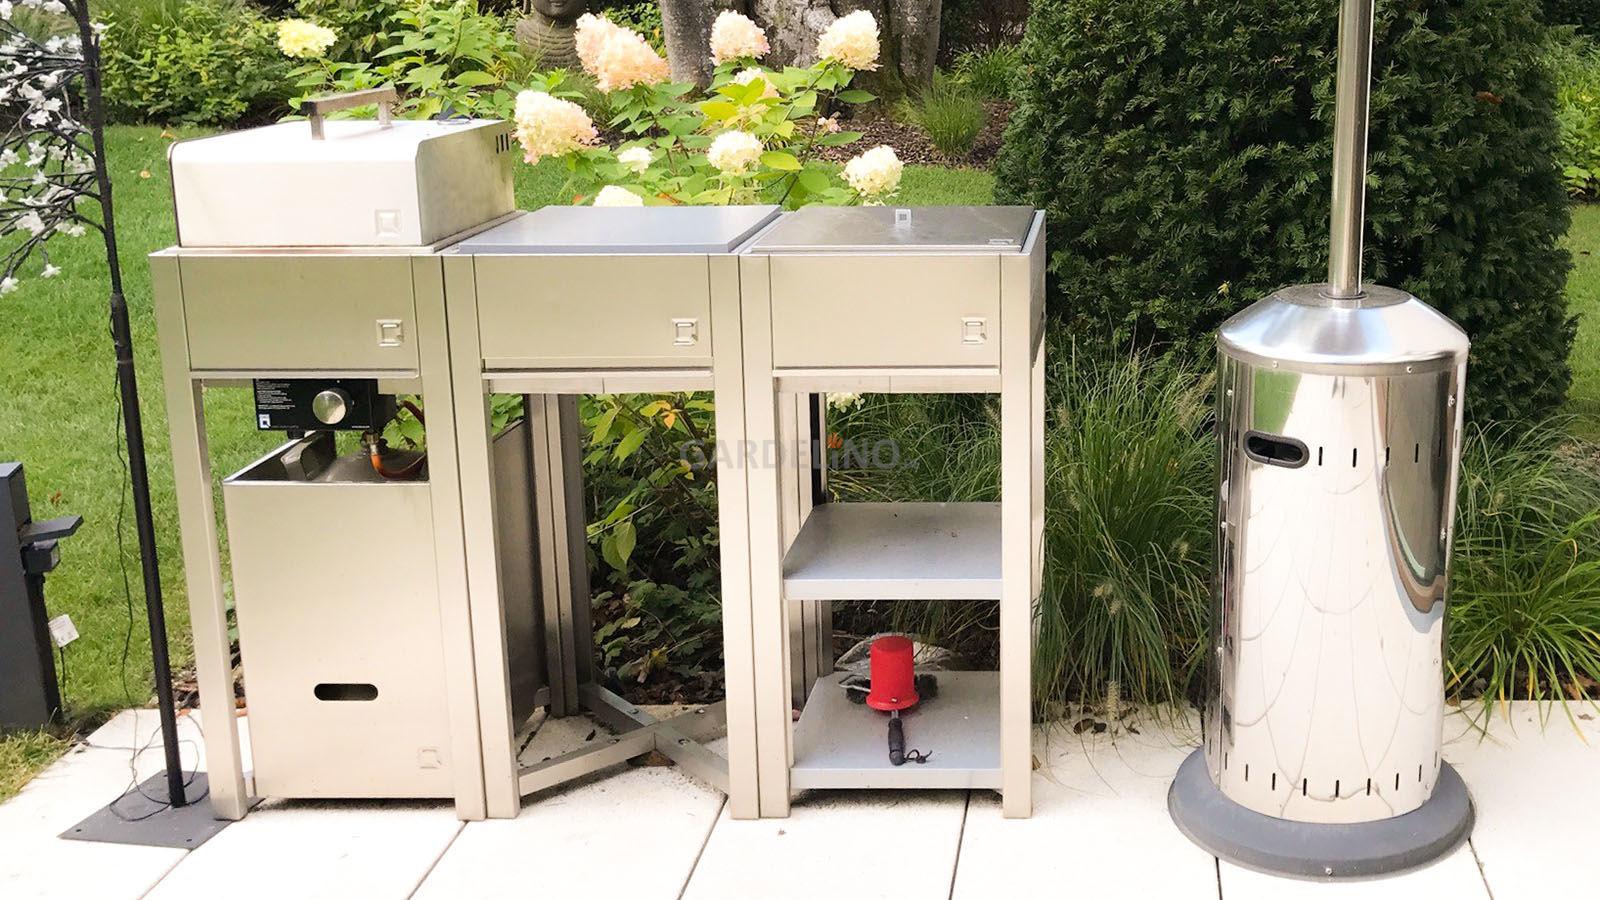 Full Size of Mobile Outdoorküche Oneq Outdoorkche Konfigurieren Küche Wohnzimmer Mobile Outdoorküche